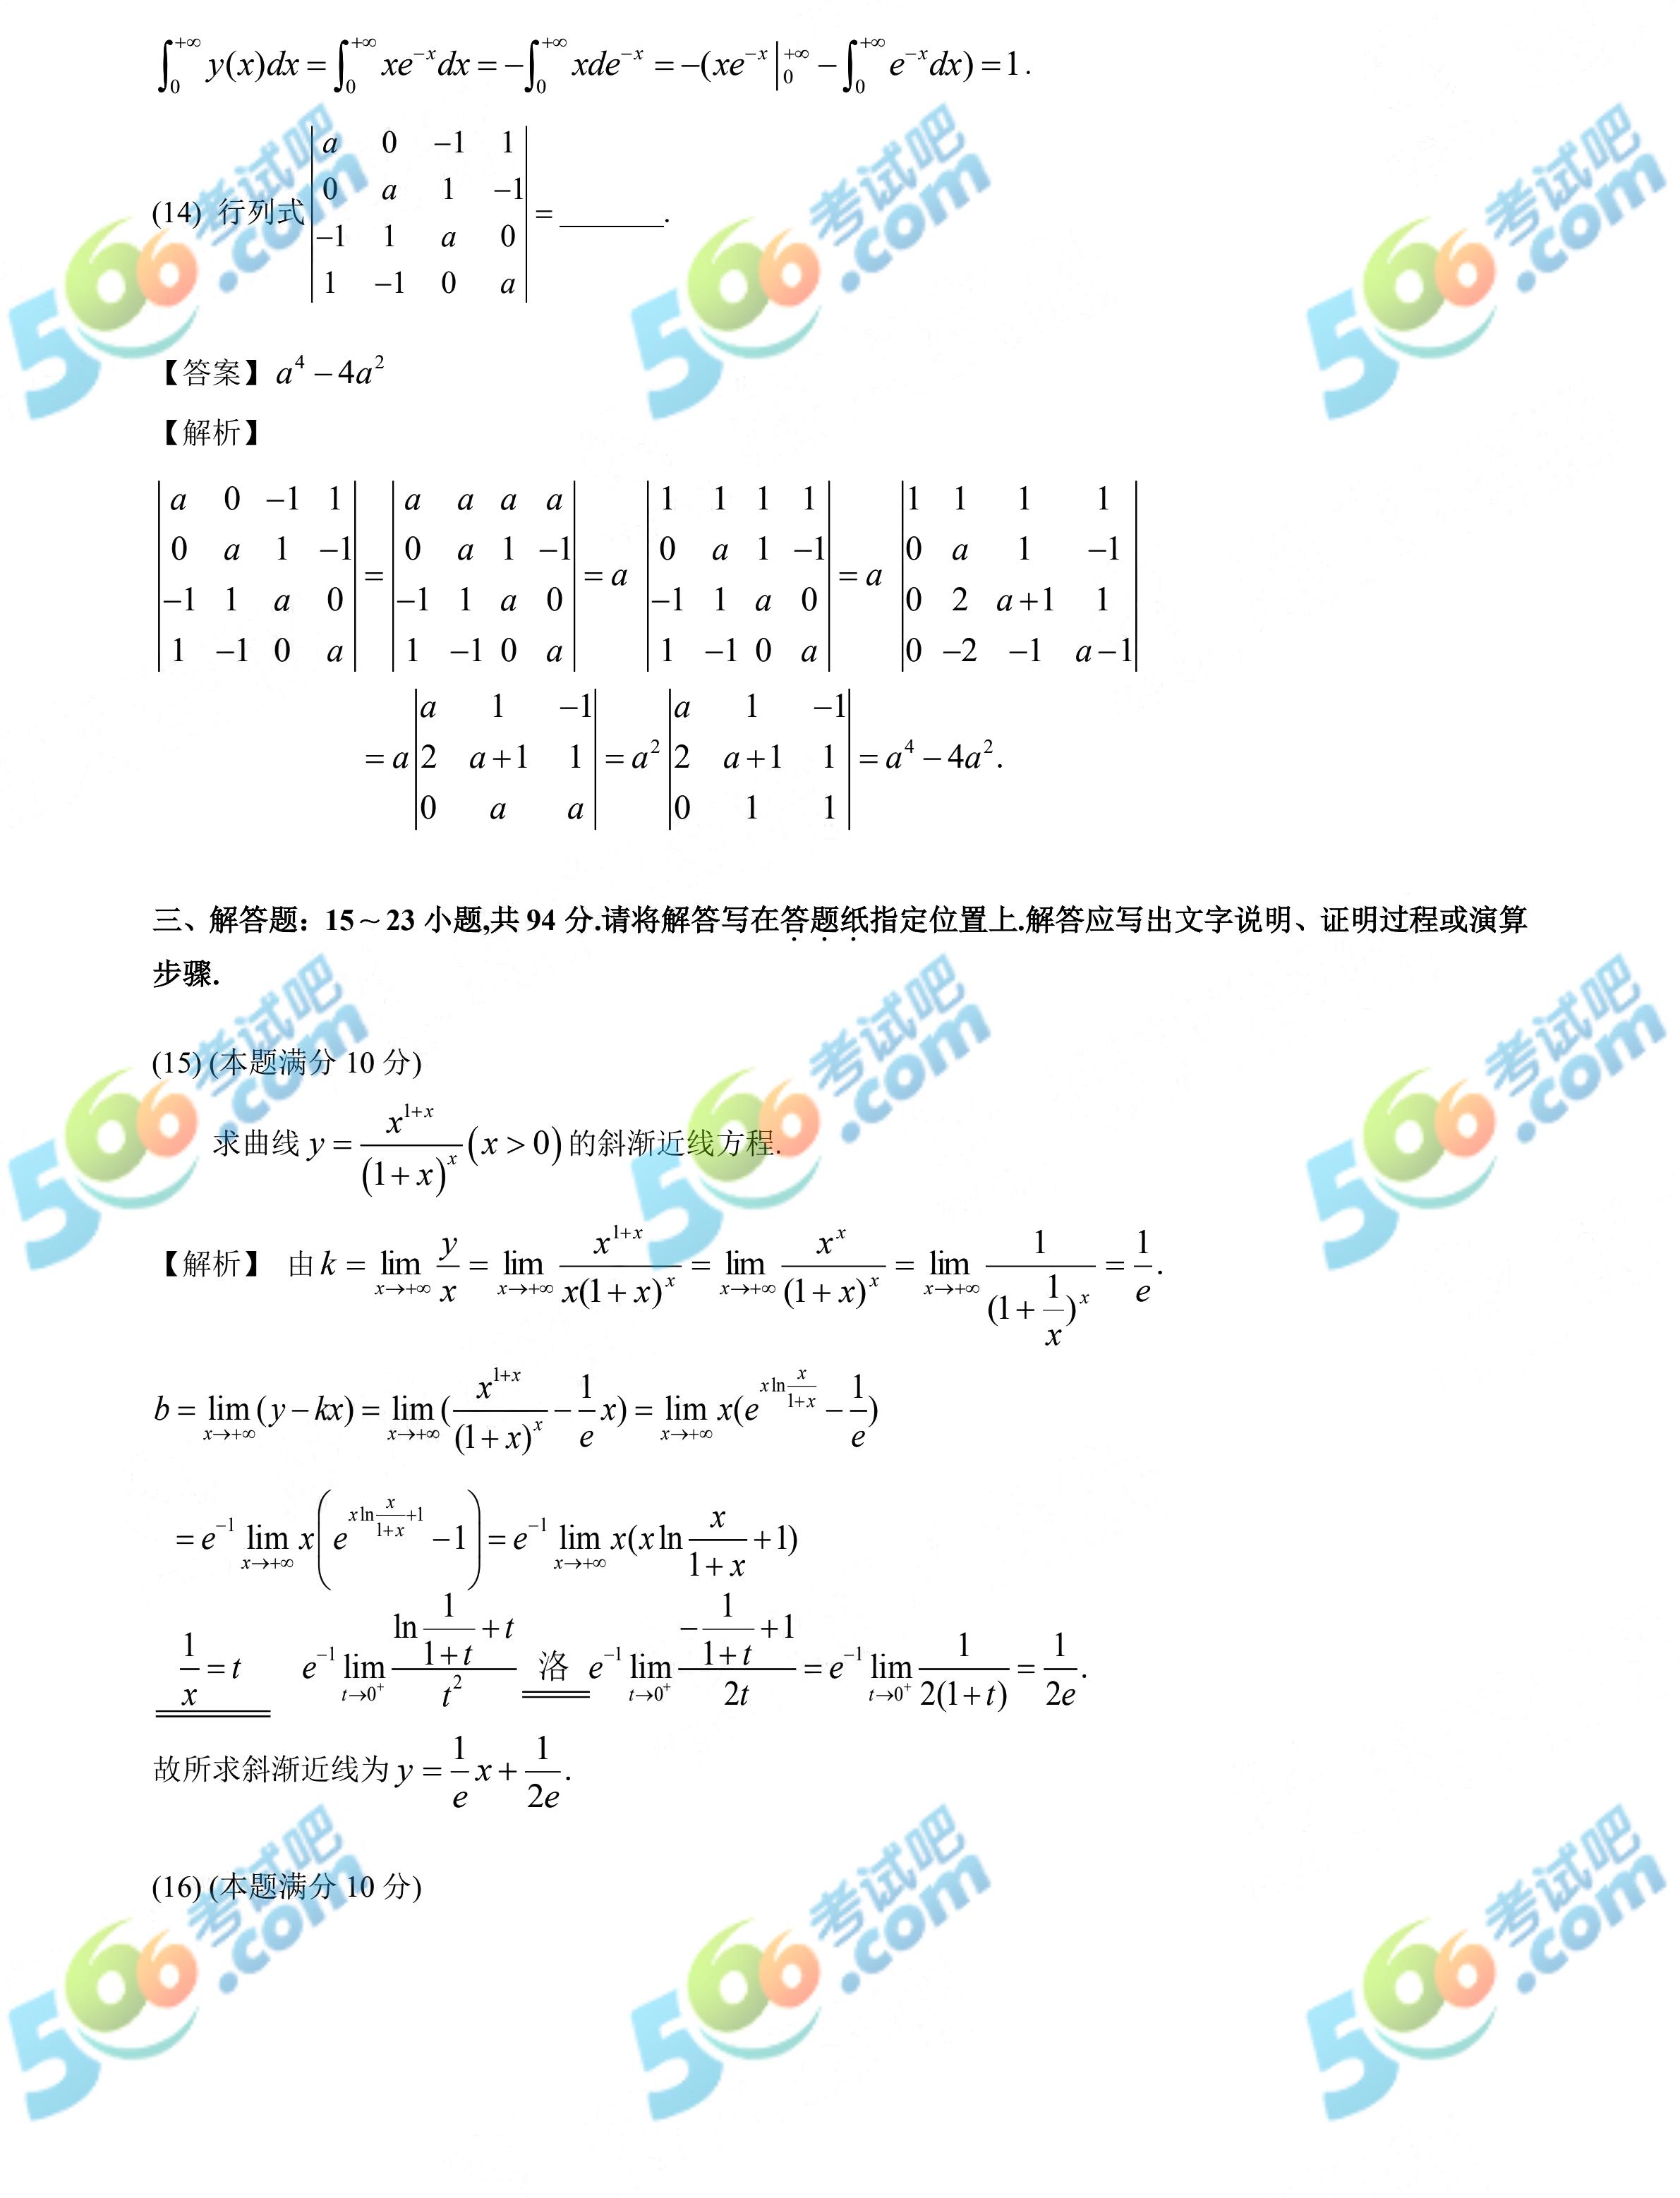 2020年考研《数学二》真题及答案(海文版)